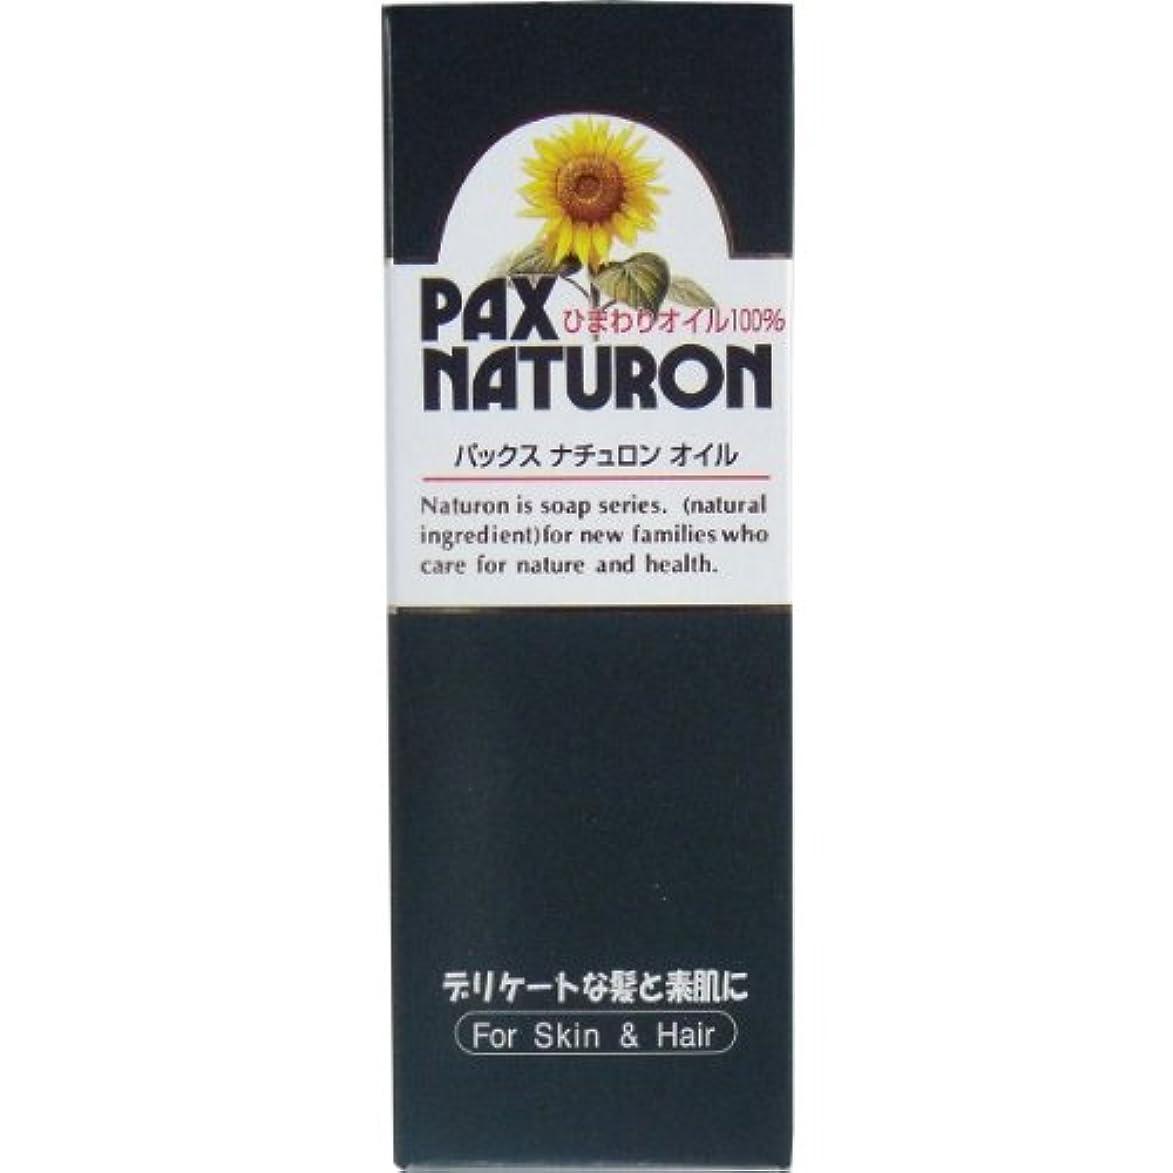 に対処する誰もお風呂を持っているパックスナチュロン オイル (ひまわりオイル100%) 60mL 太陽油脂